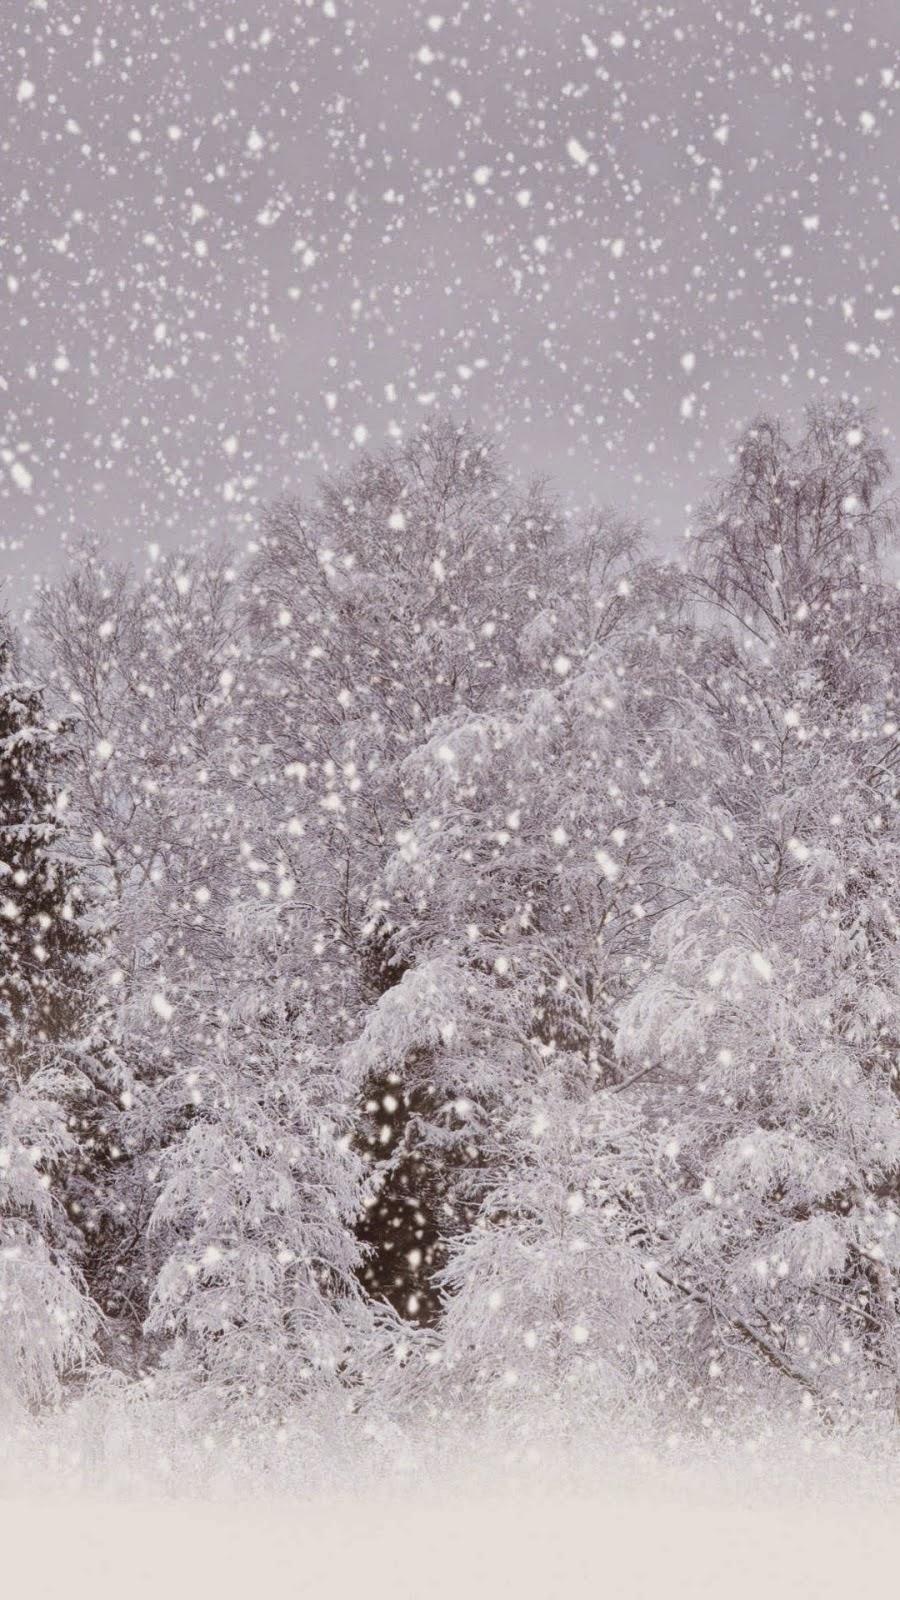 Thích hợp hơn cho các bạn sử dụng iPhone 4S, 5S, 6. Cùng trang điểm theo mùa cho chiếc iPhone yêu quý của bạn với những hình nền mùa đông dưới đây